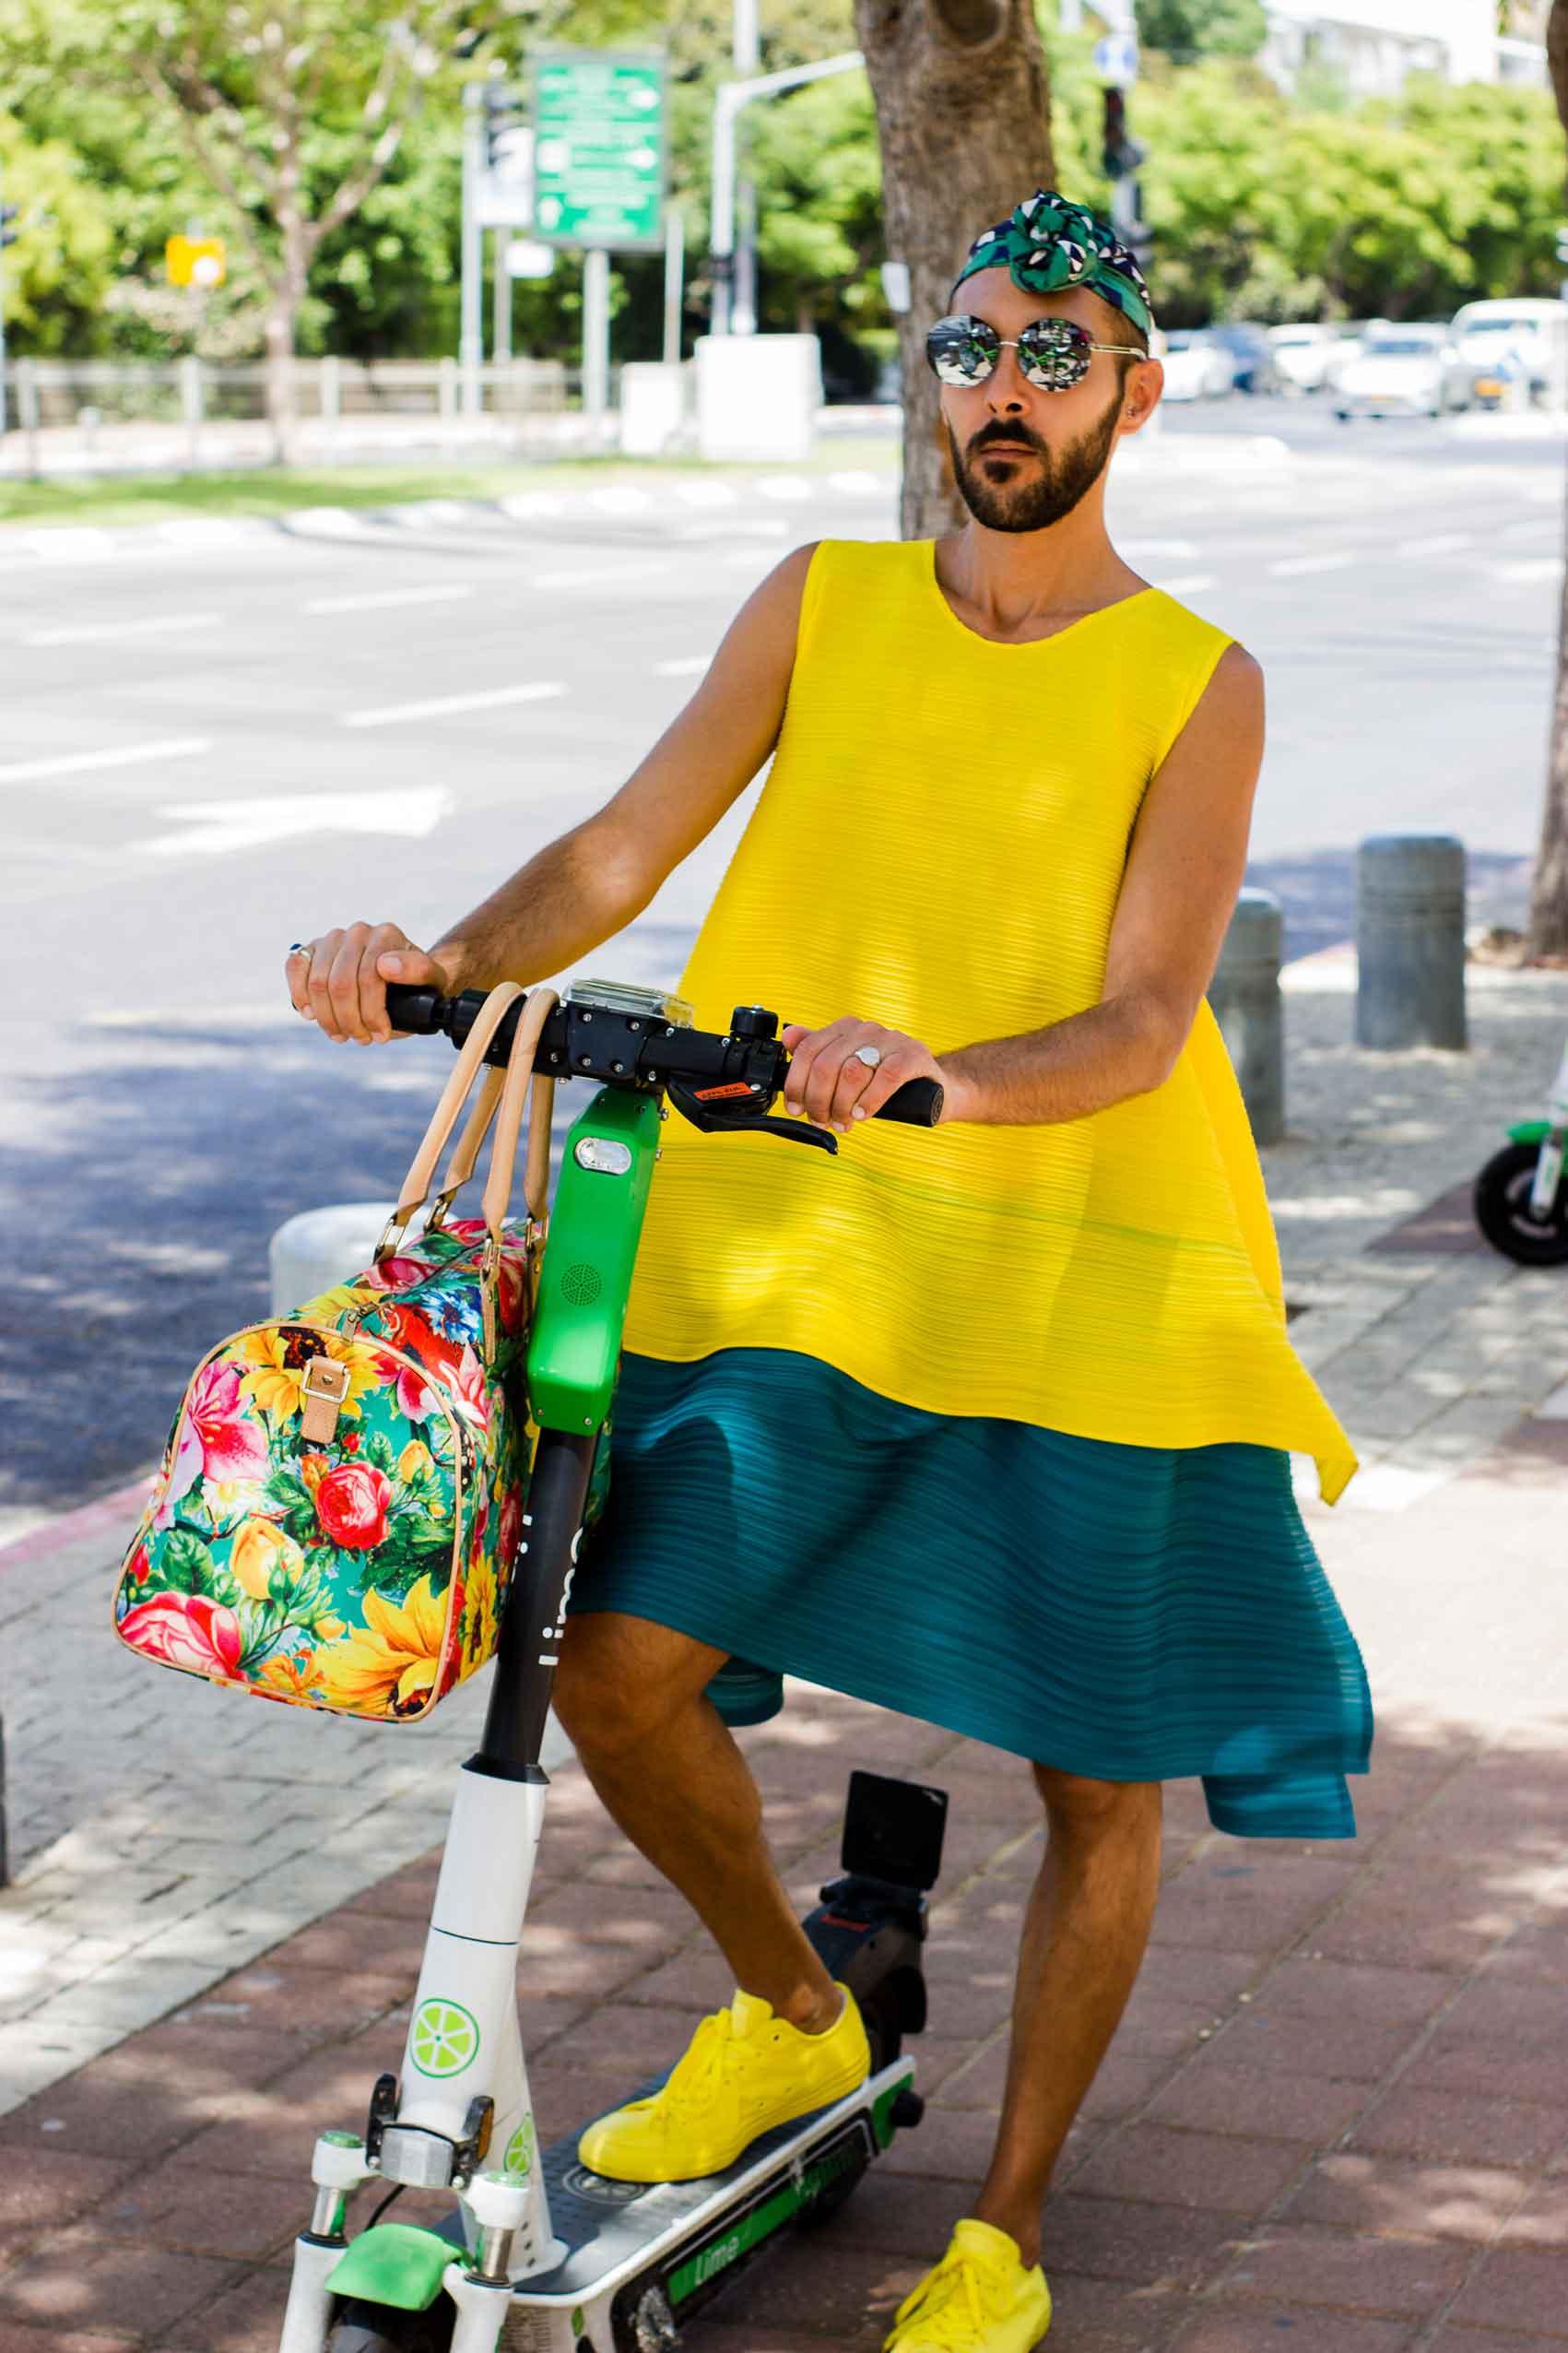 שמלה: שחר רבן, תיק: JOYRICH, מטפחת: אוסף פרטי, משקפיים: CHANEL, נעליים: Convers